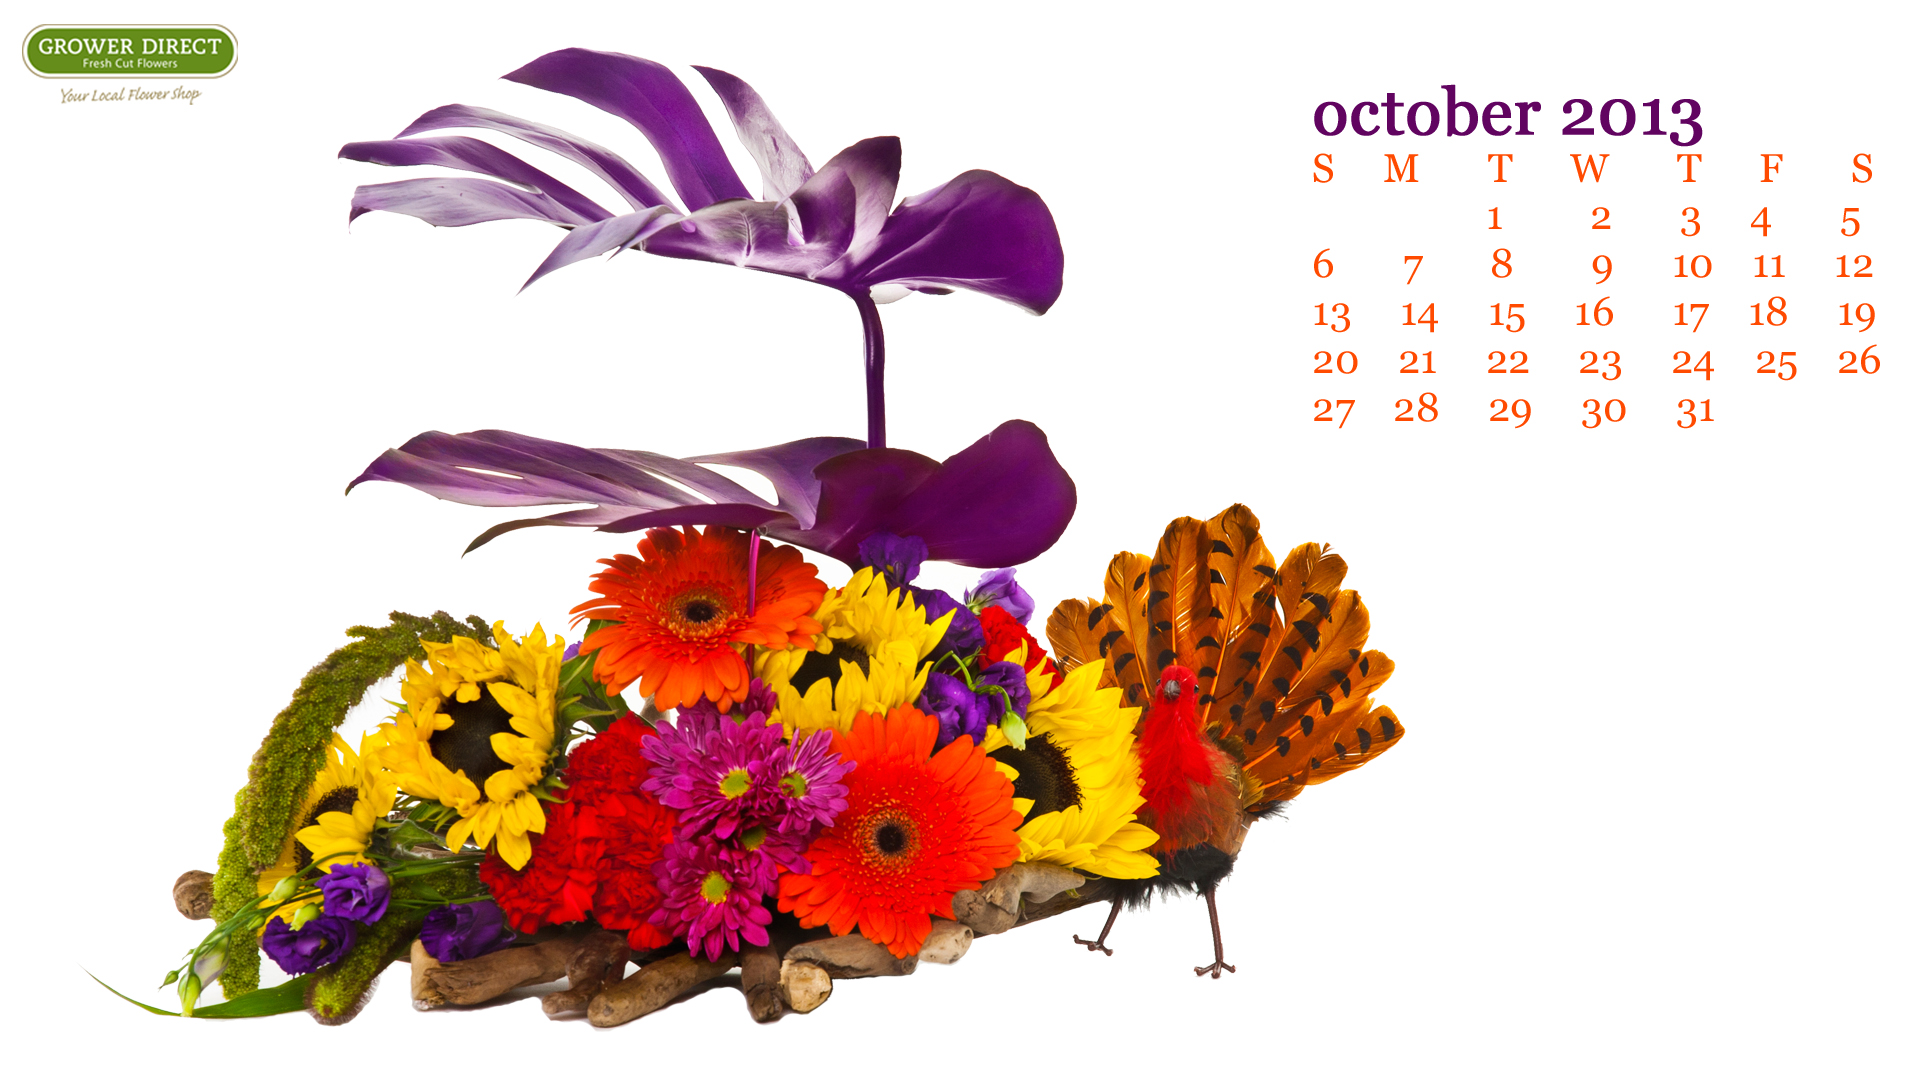 oct 2013 calendar desktop wallpaper - photo #29